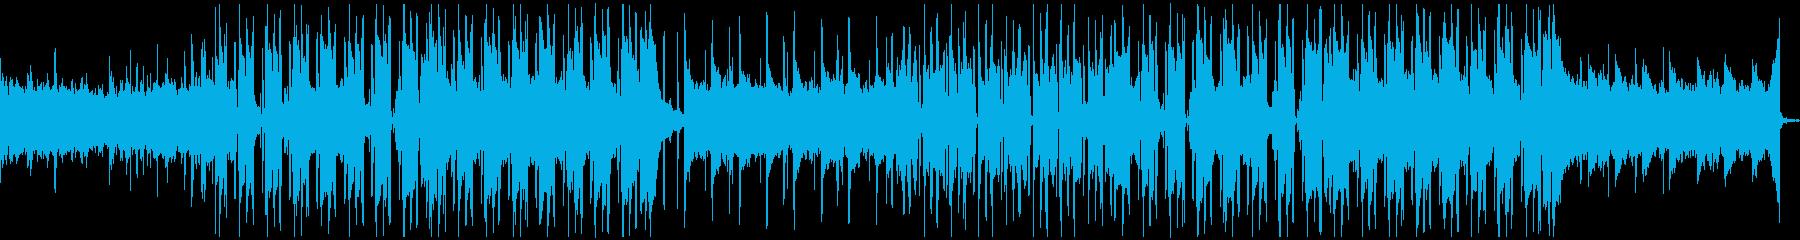 しっとりと落ち着いたヒップホップの再生済みの波形